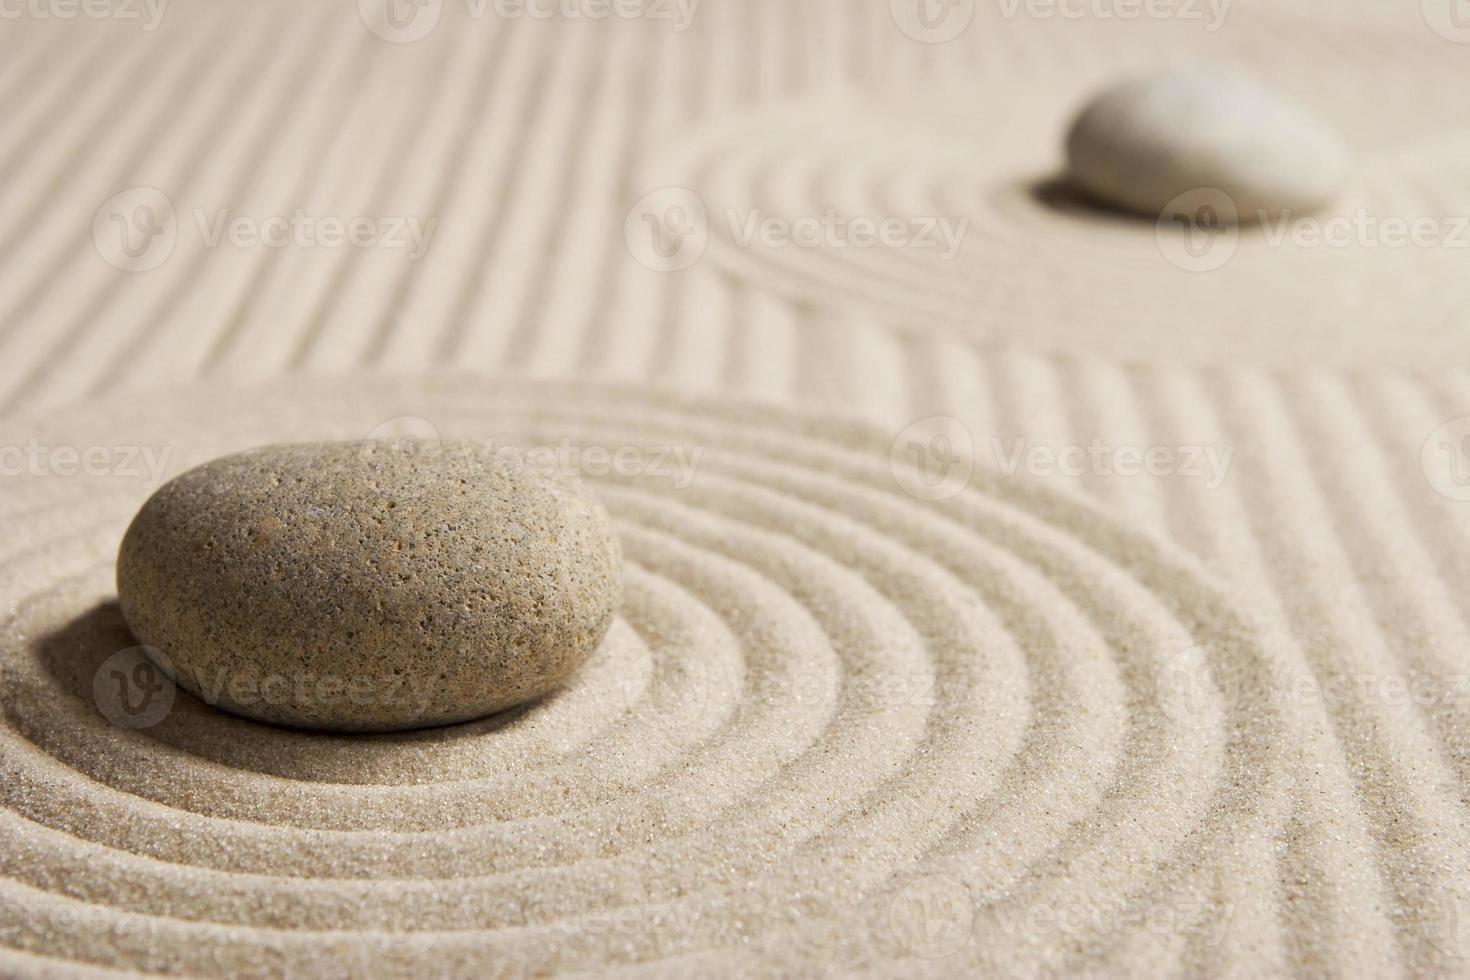 guijarros sentados en un jardín zen rastrillado foto